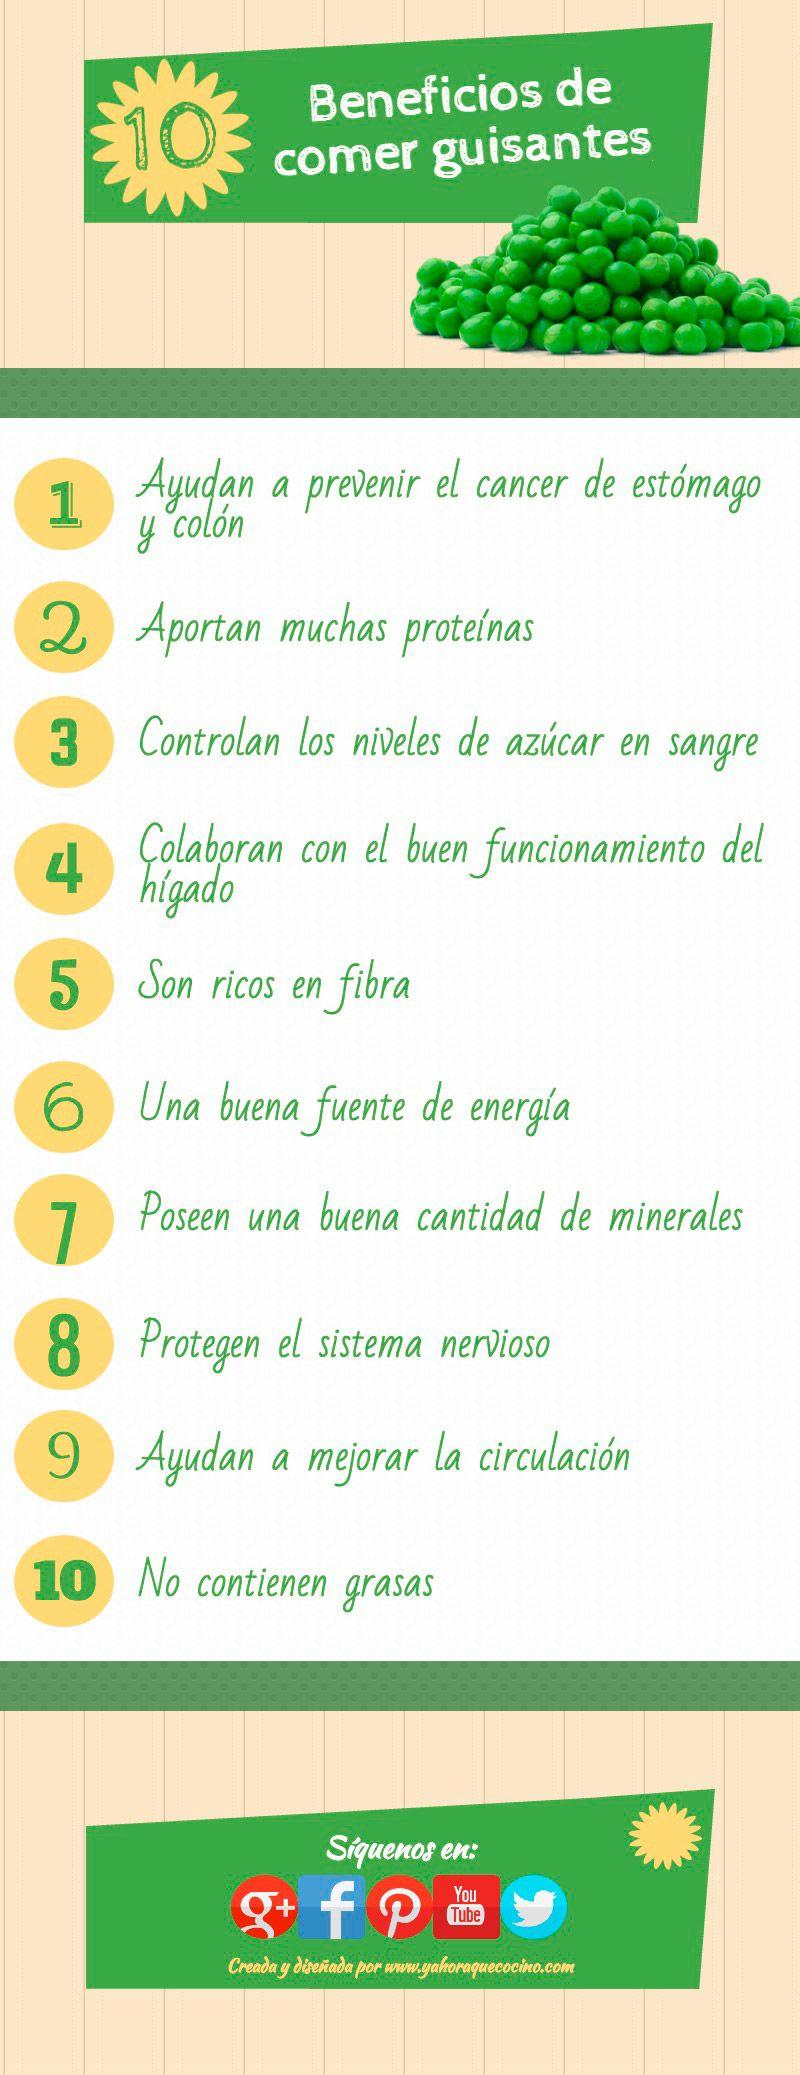 Beneficios de los guisantes